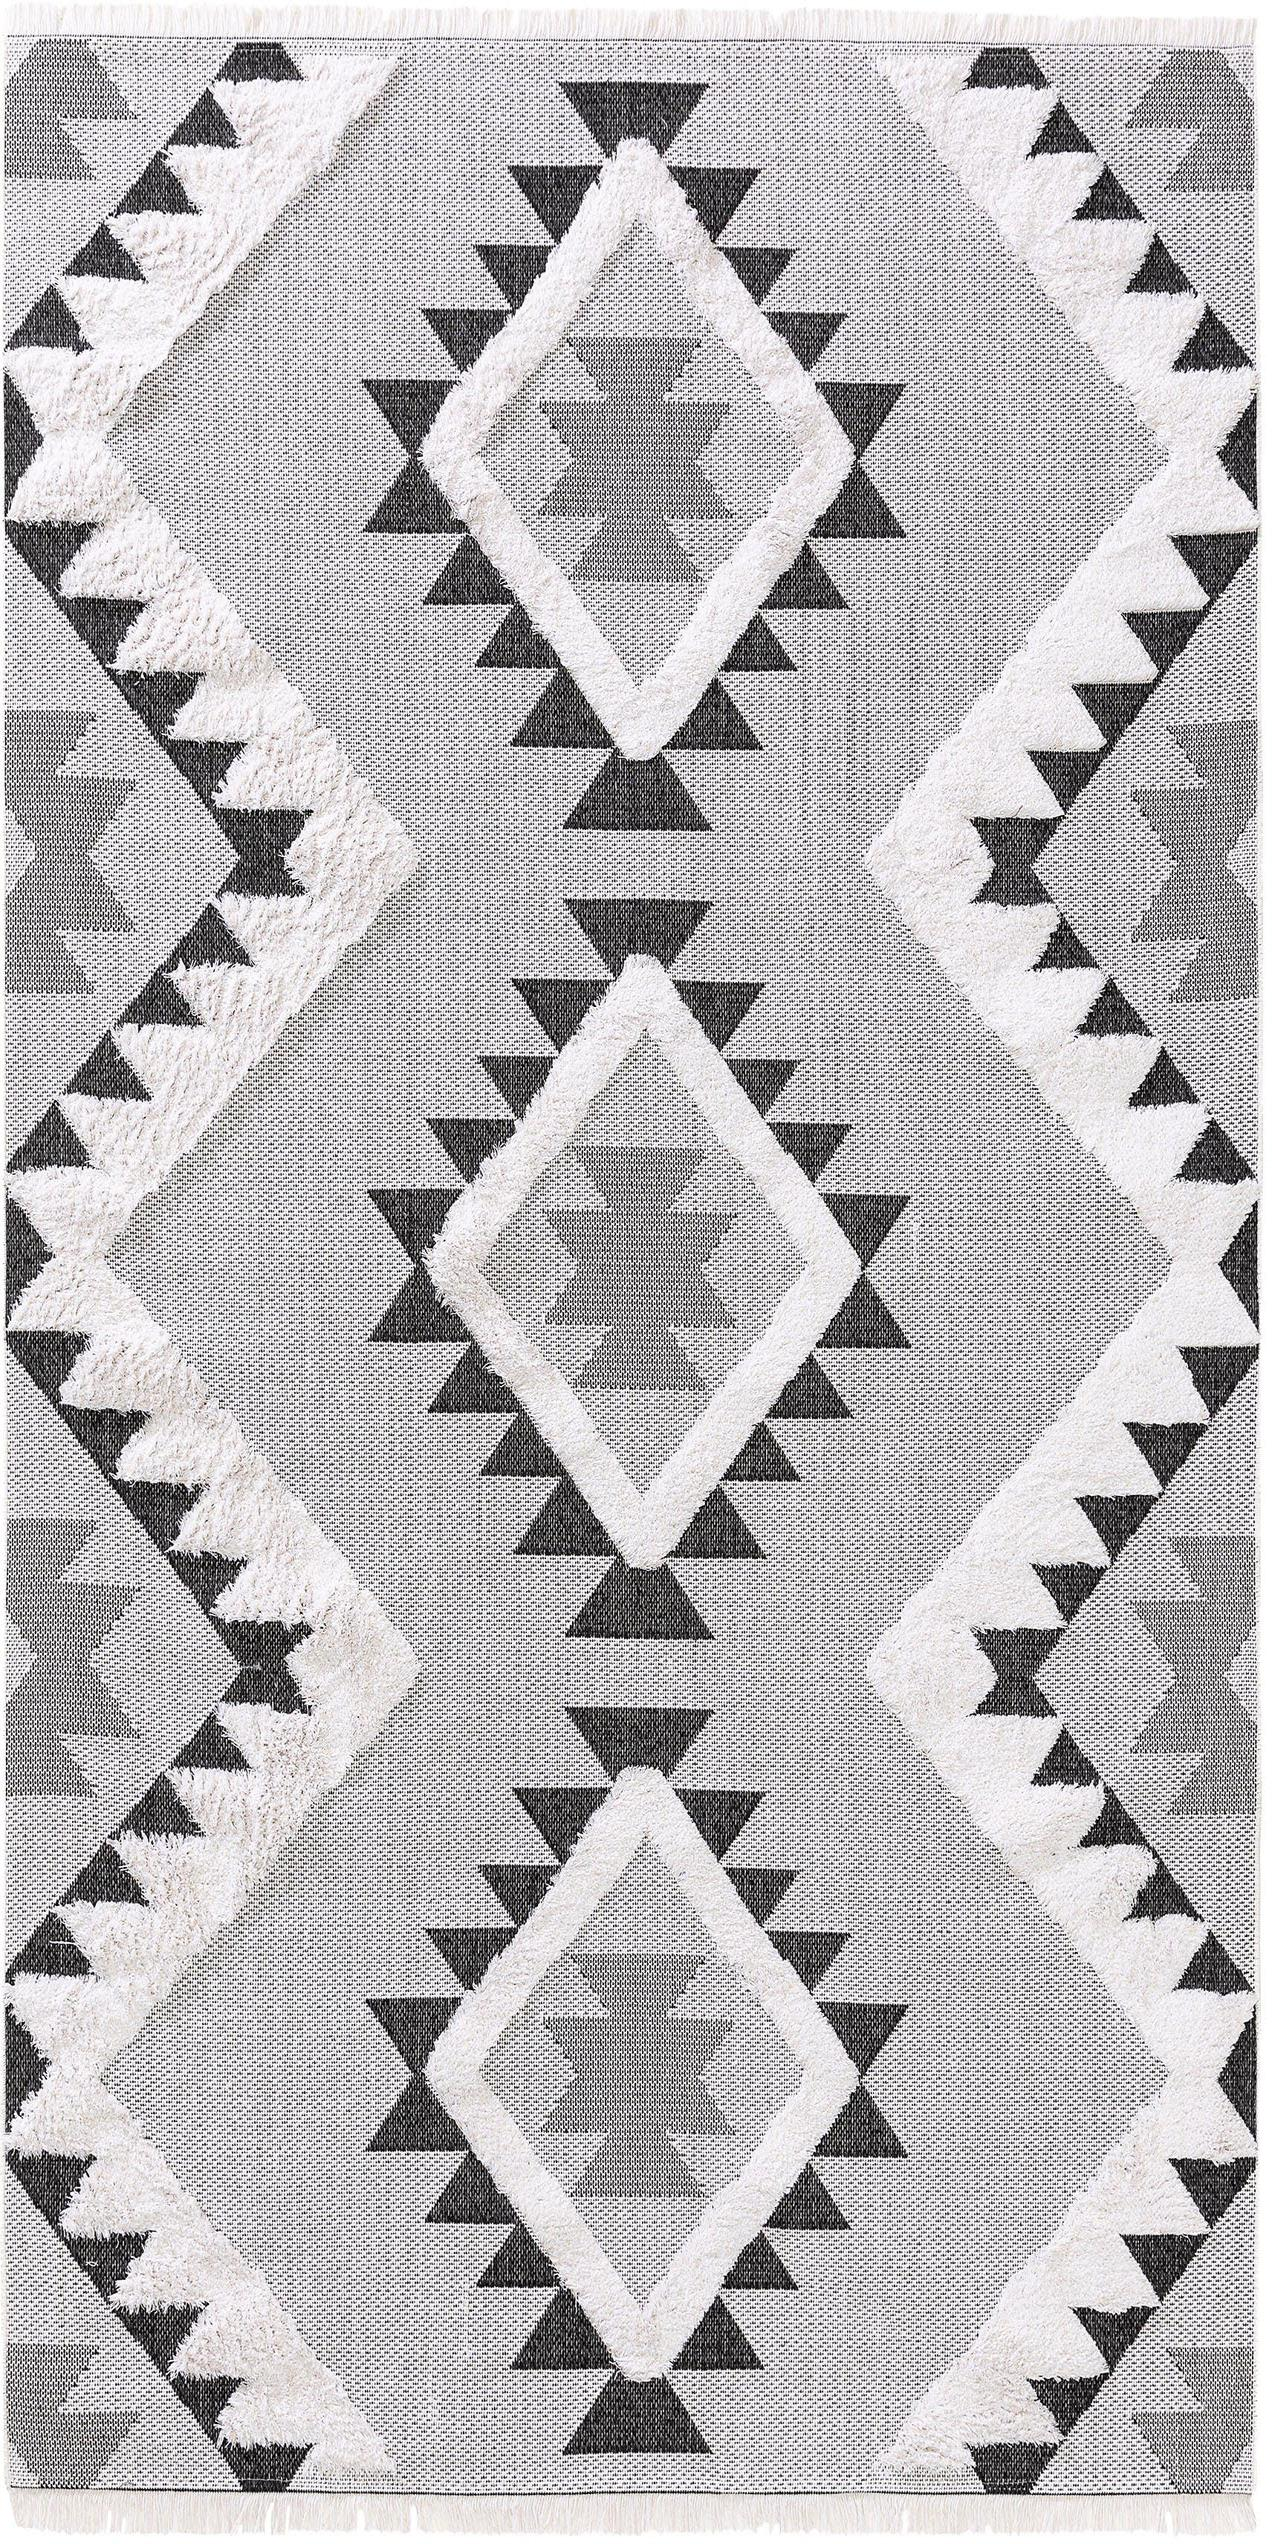 Tappeto in cotone lavato Oslo Aztec, 100% cotone, Bianco crema, tonalità grigie, Larg. 75 x Lung. 150 cm (taglia XS)